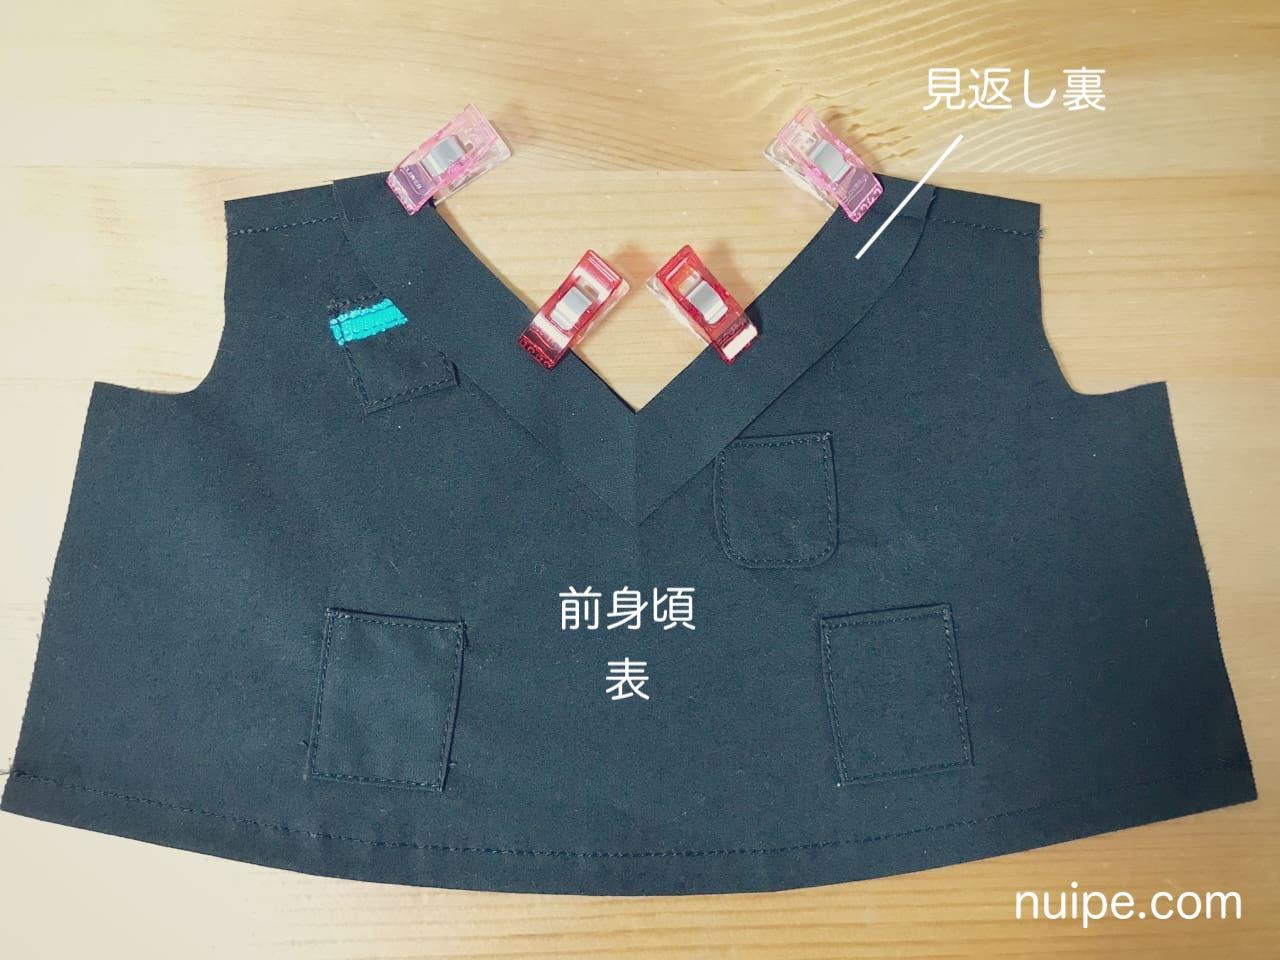 ダッフィー服作り方見返し縫い